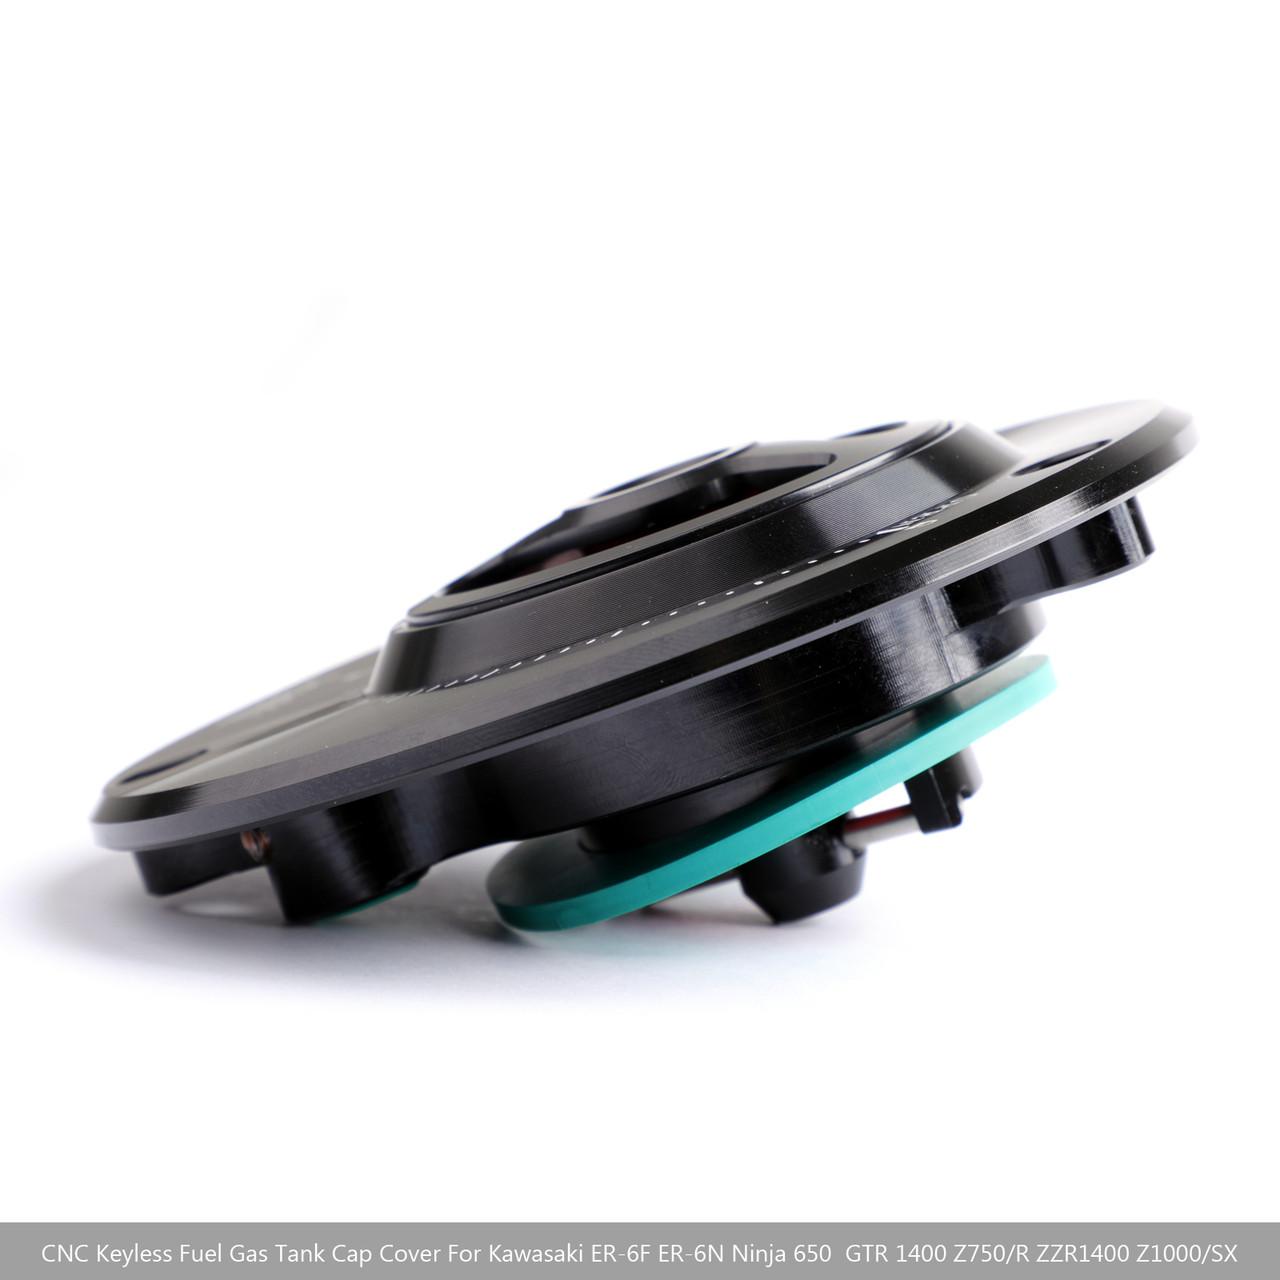 CNC Keyless Fuel Gas Tank Cap For Kawasaki GTR 1400 2010+ Ninja 1000 ZX-10R 2008+ Gold